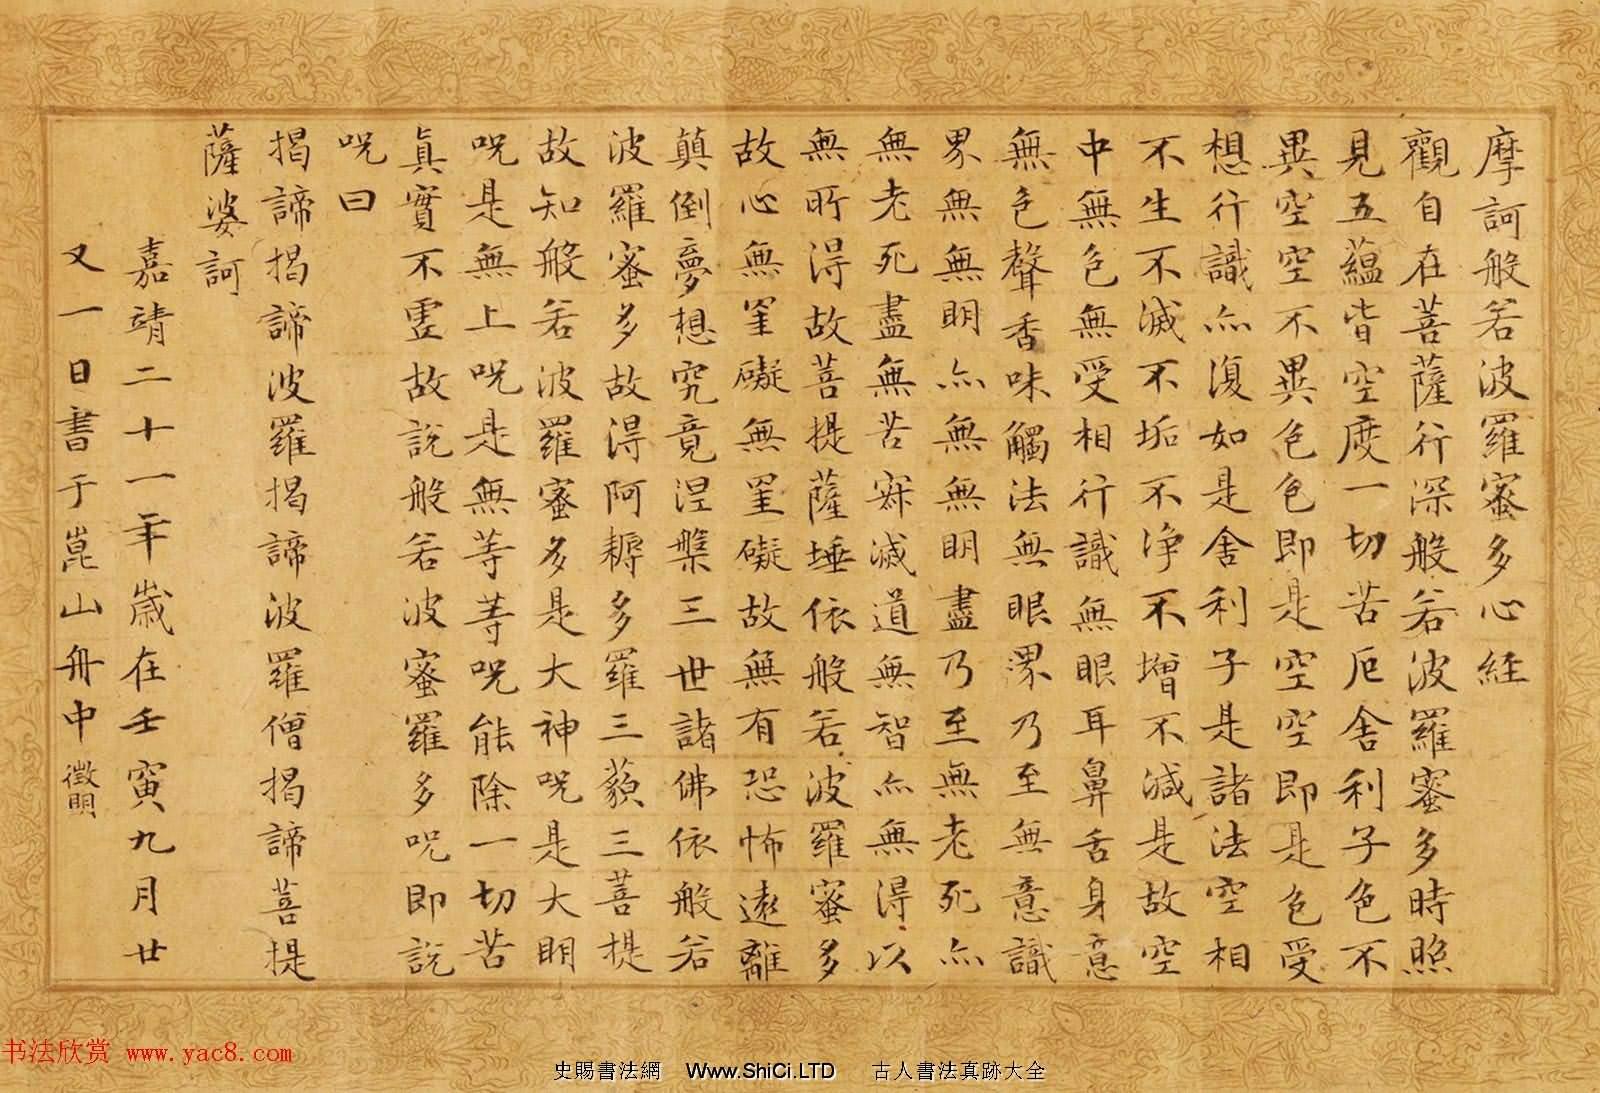 文徵明73歲小楷書法字帖《摩訶般若波羅蜜多心經》(共4張圖片)